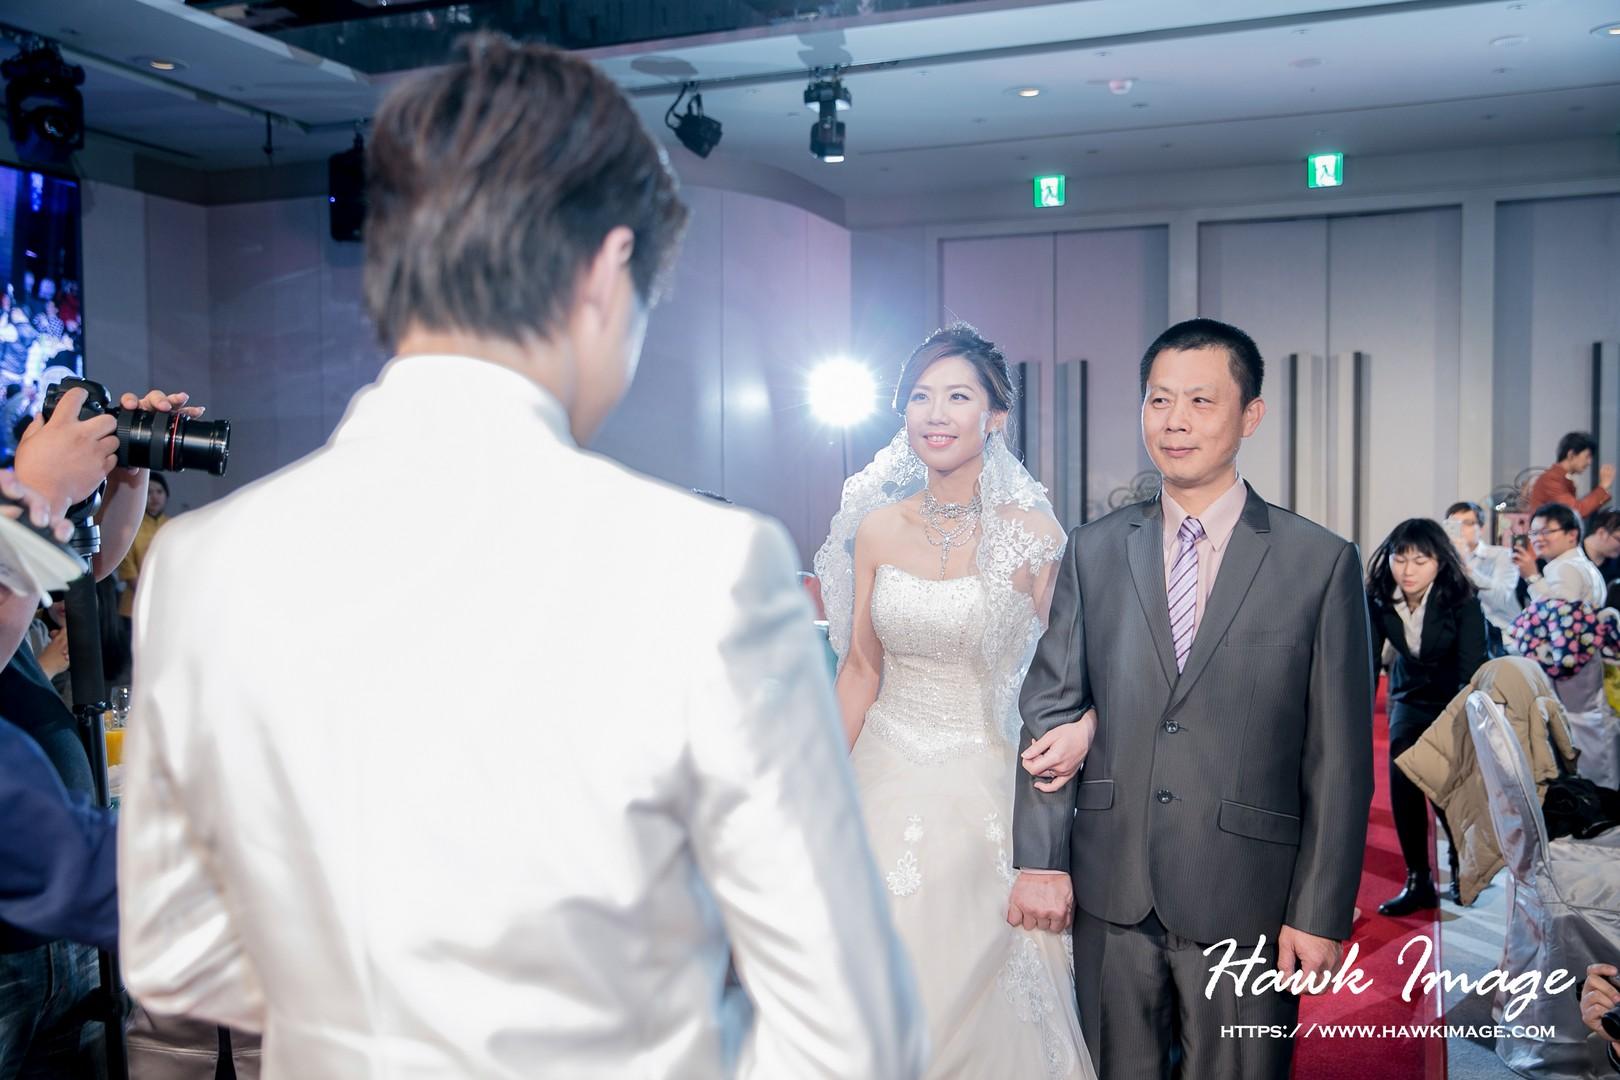 婚禮記錄,婚禮錄影價格,婚攝,婚攝作品